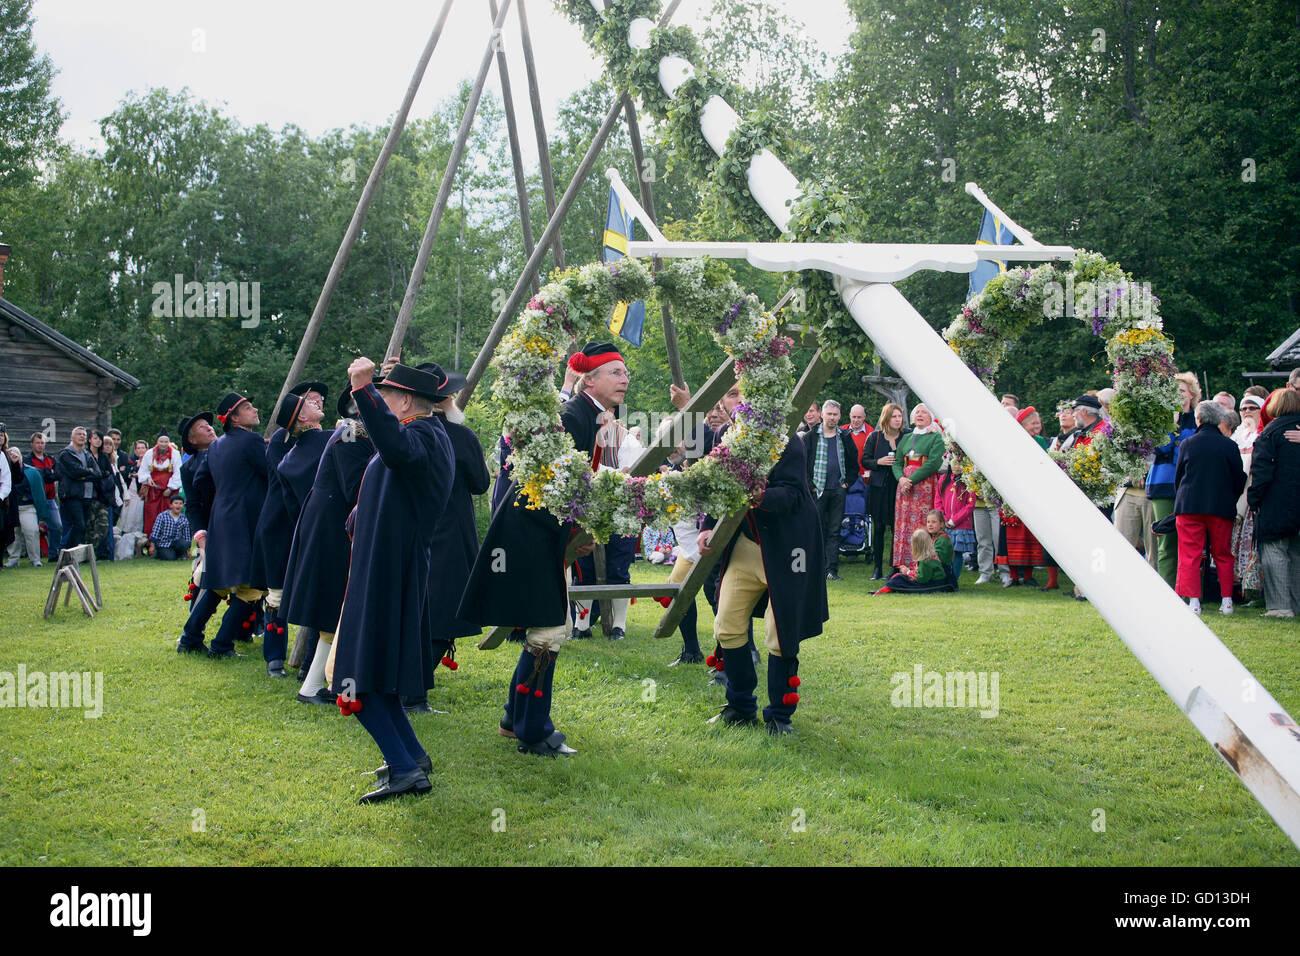 MIDSUMMER personas en trajes preparar las festividades Imagen De Stock